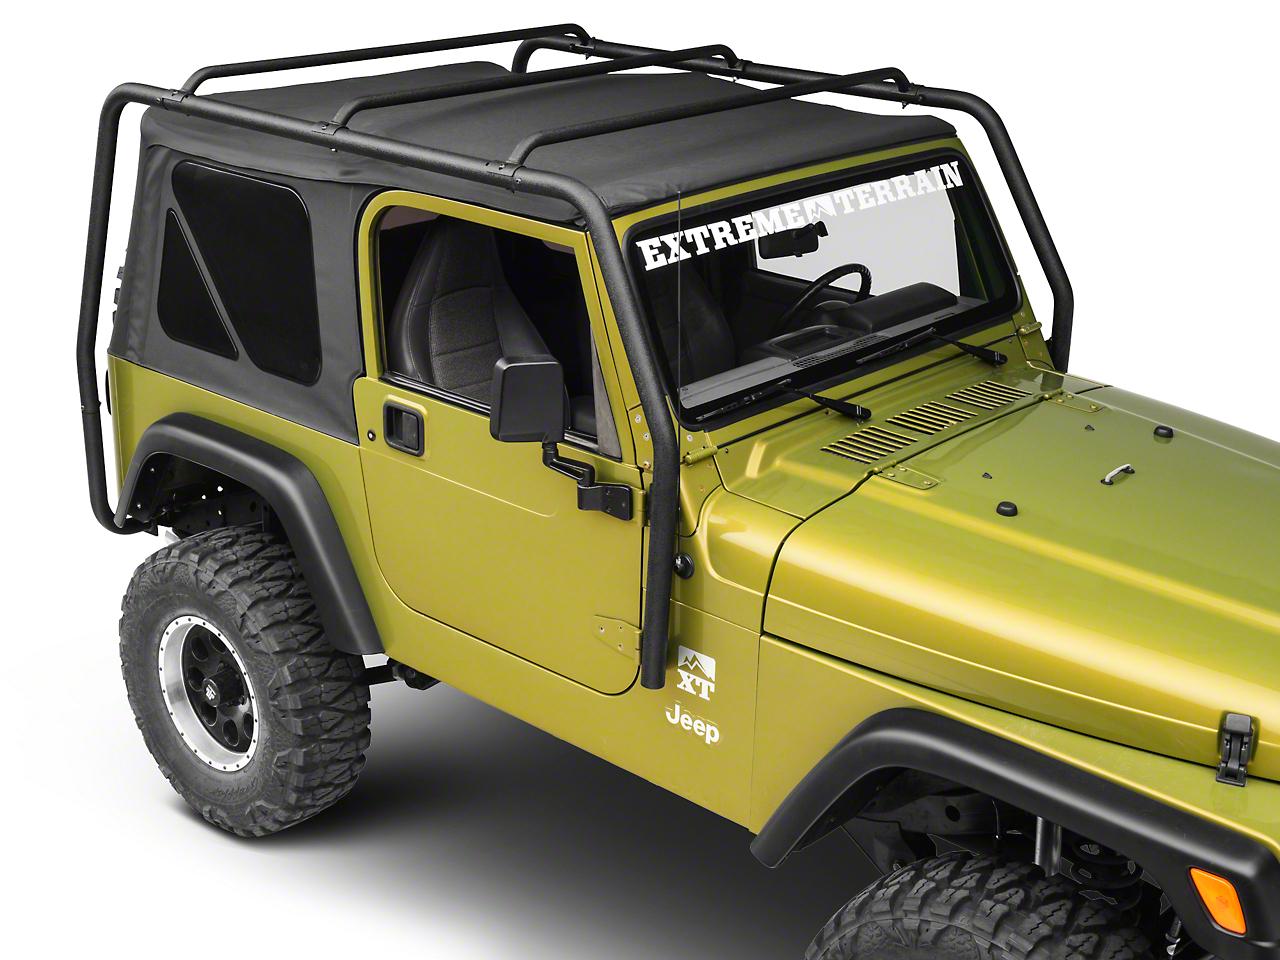 Smittybilt SRC Roof Rack - Black Textured (97-06 Wrangler TJ)